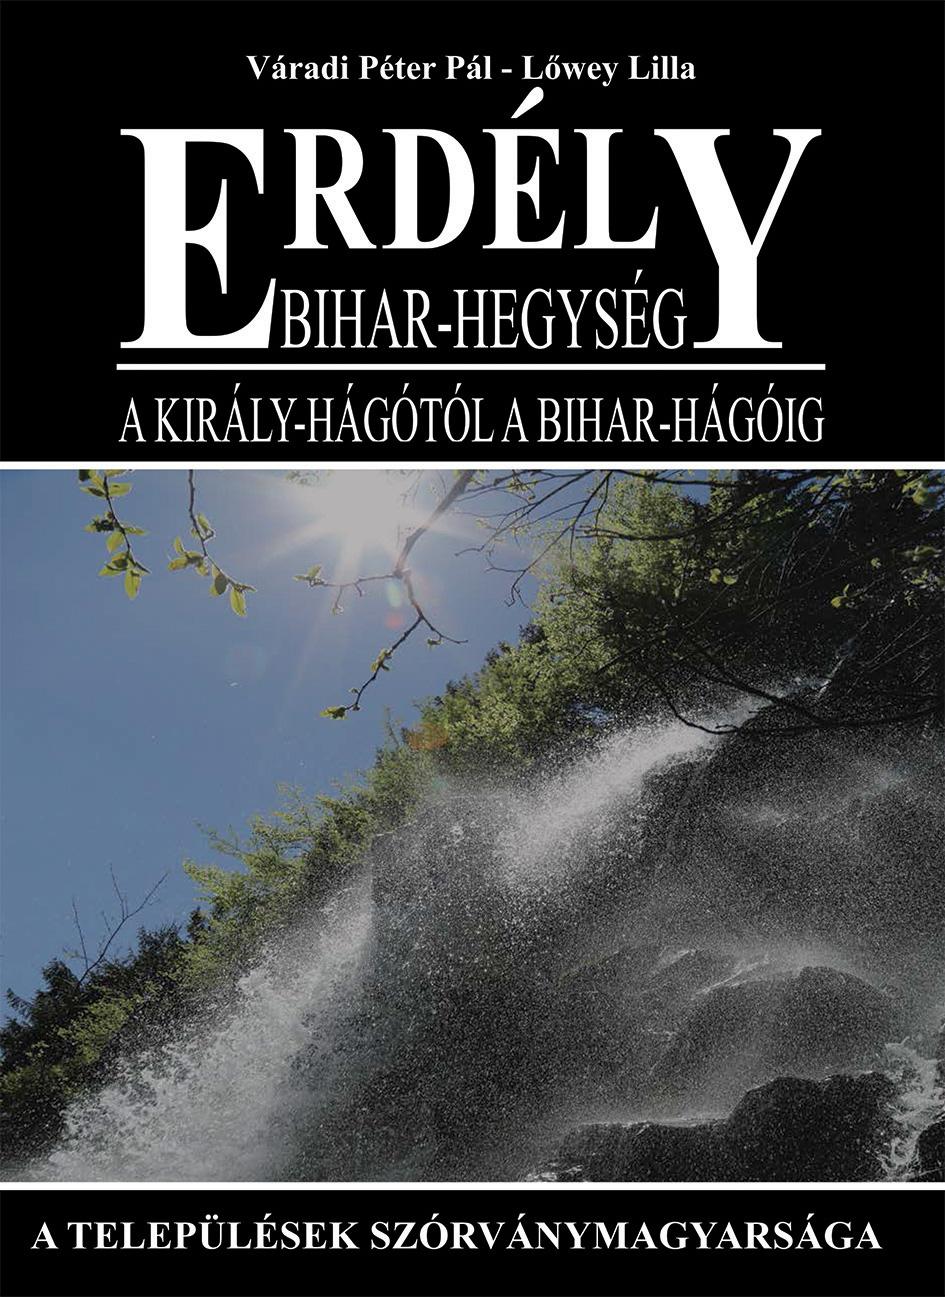 Bihar-hegység − A Király-hágótól a Bihar-hágóig